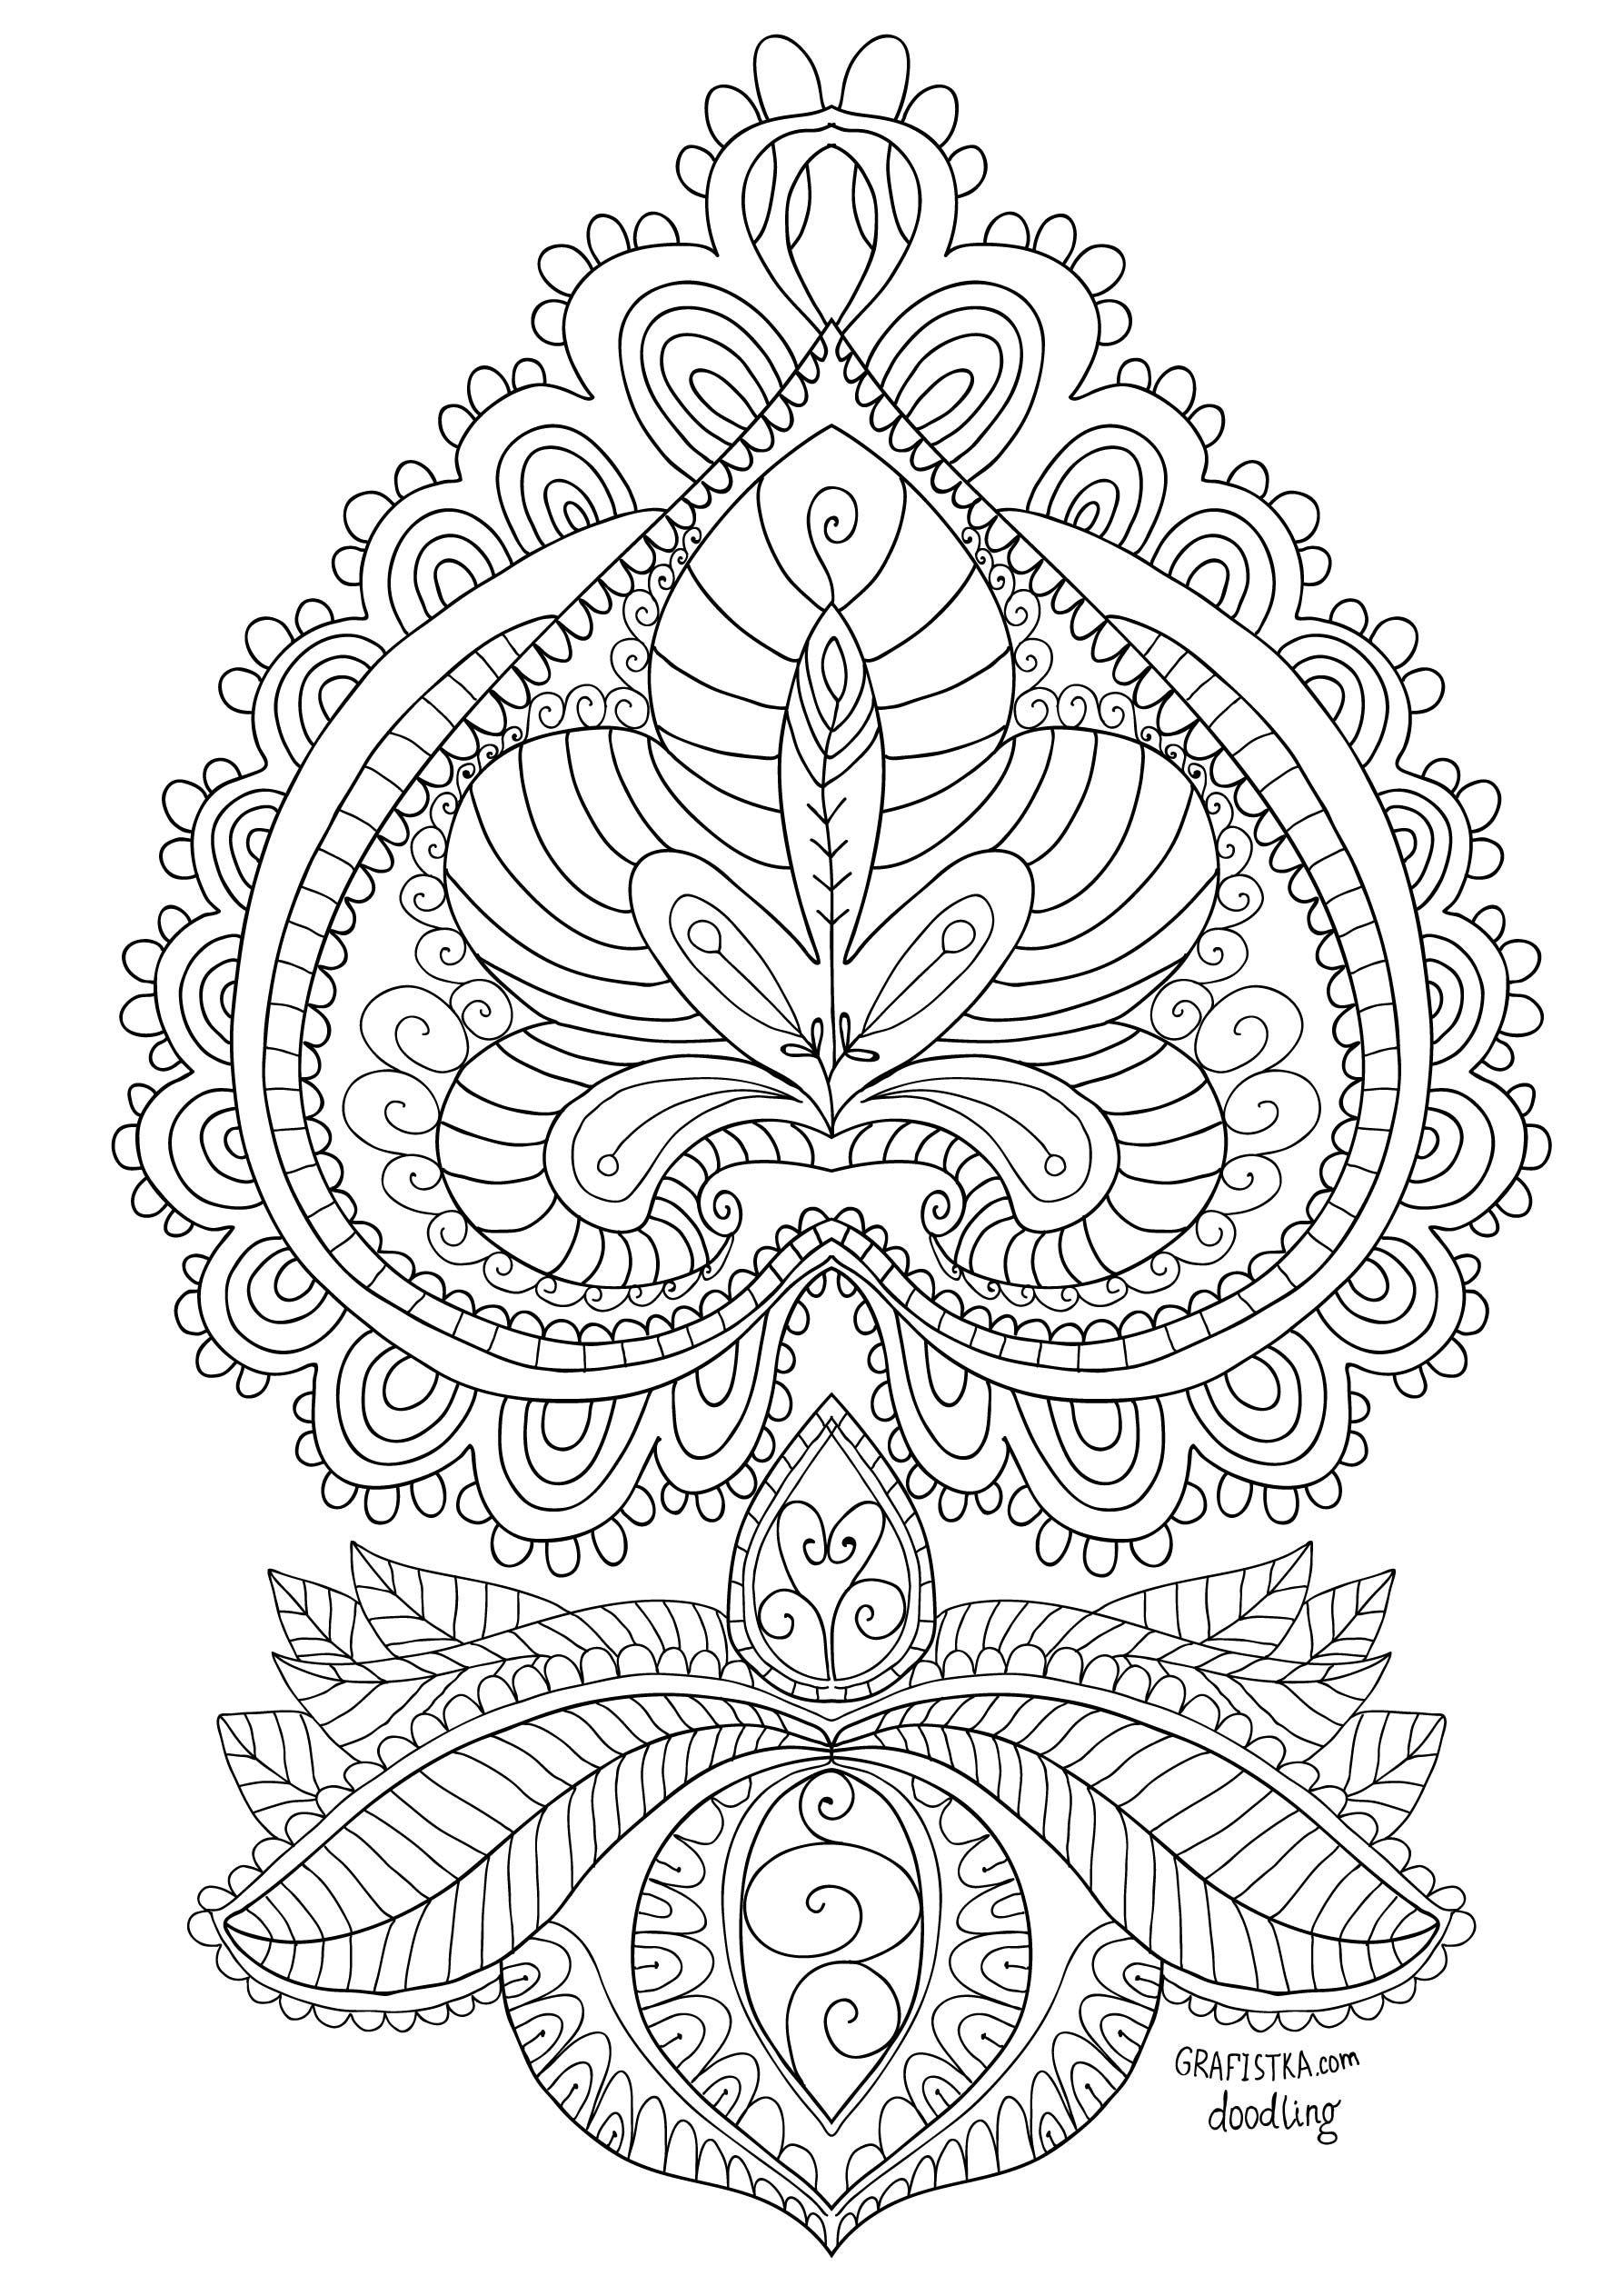 Раскраска для взрослых - индийский узор | henna styles | Pinterest ...